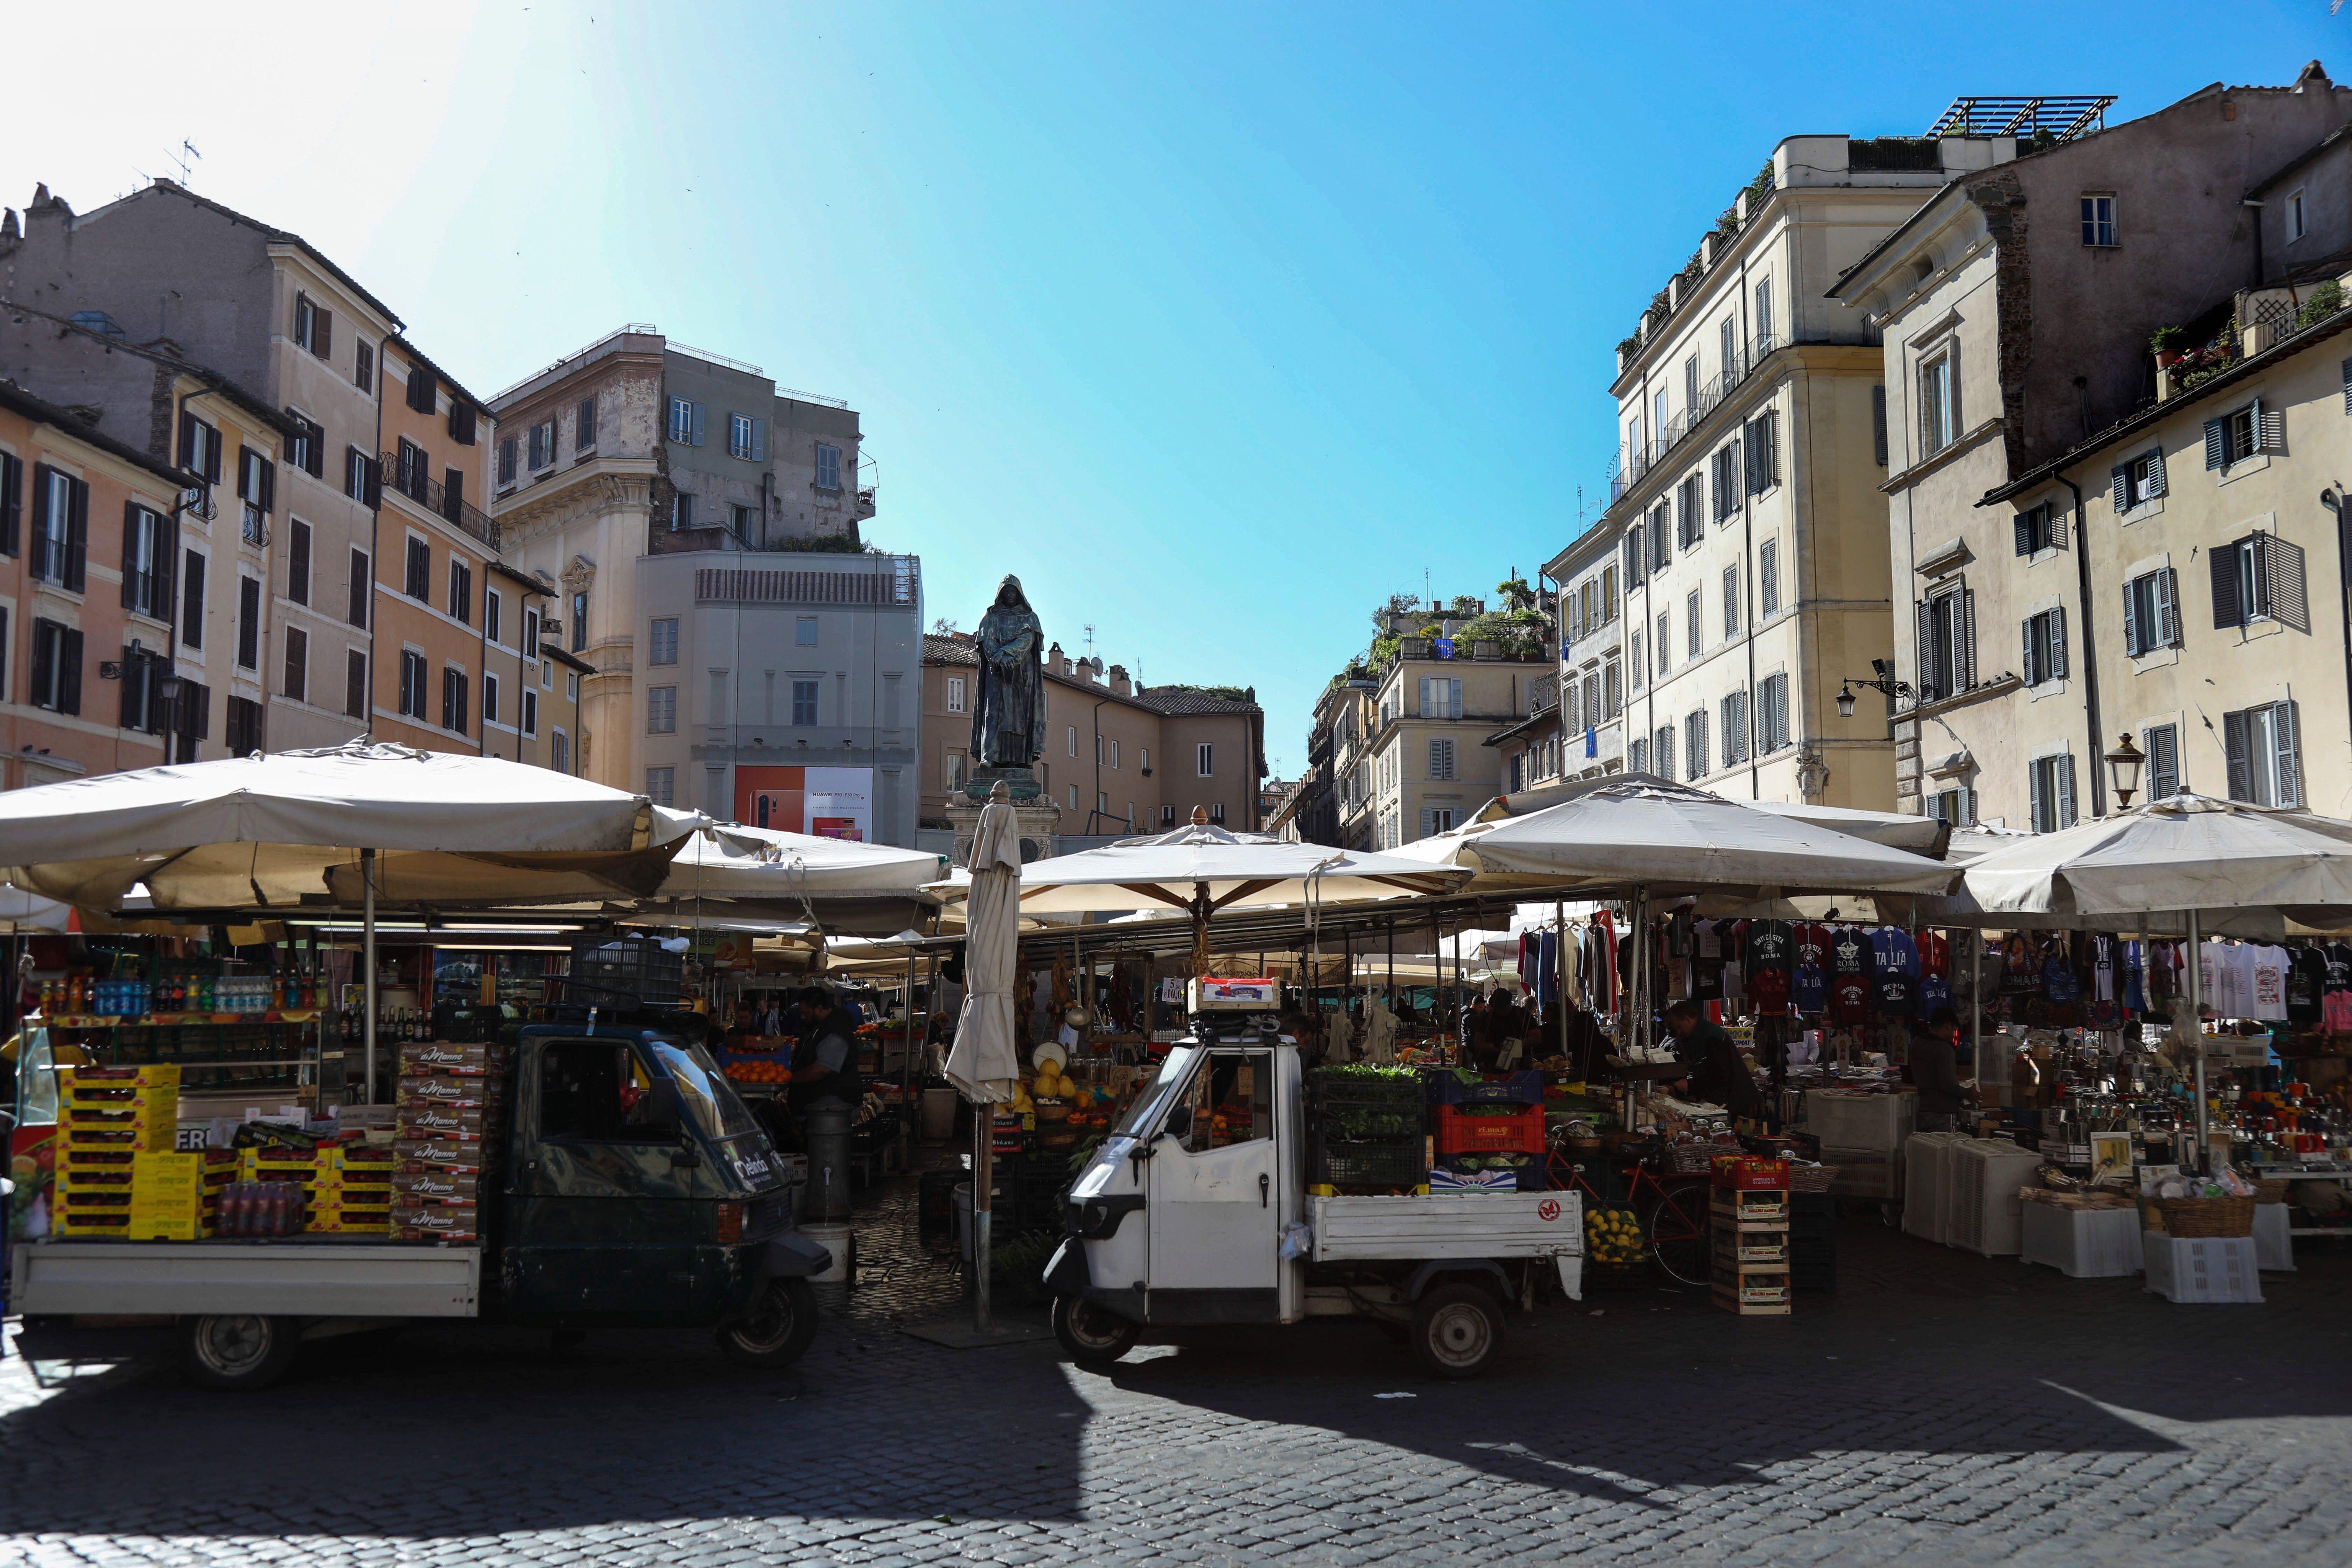 a farmers market in a public square in Rome